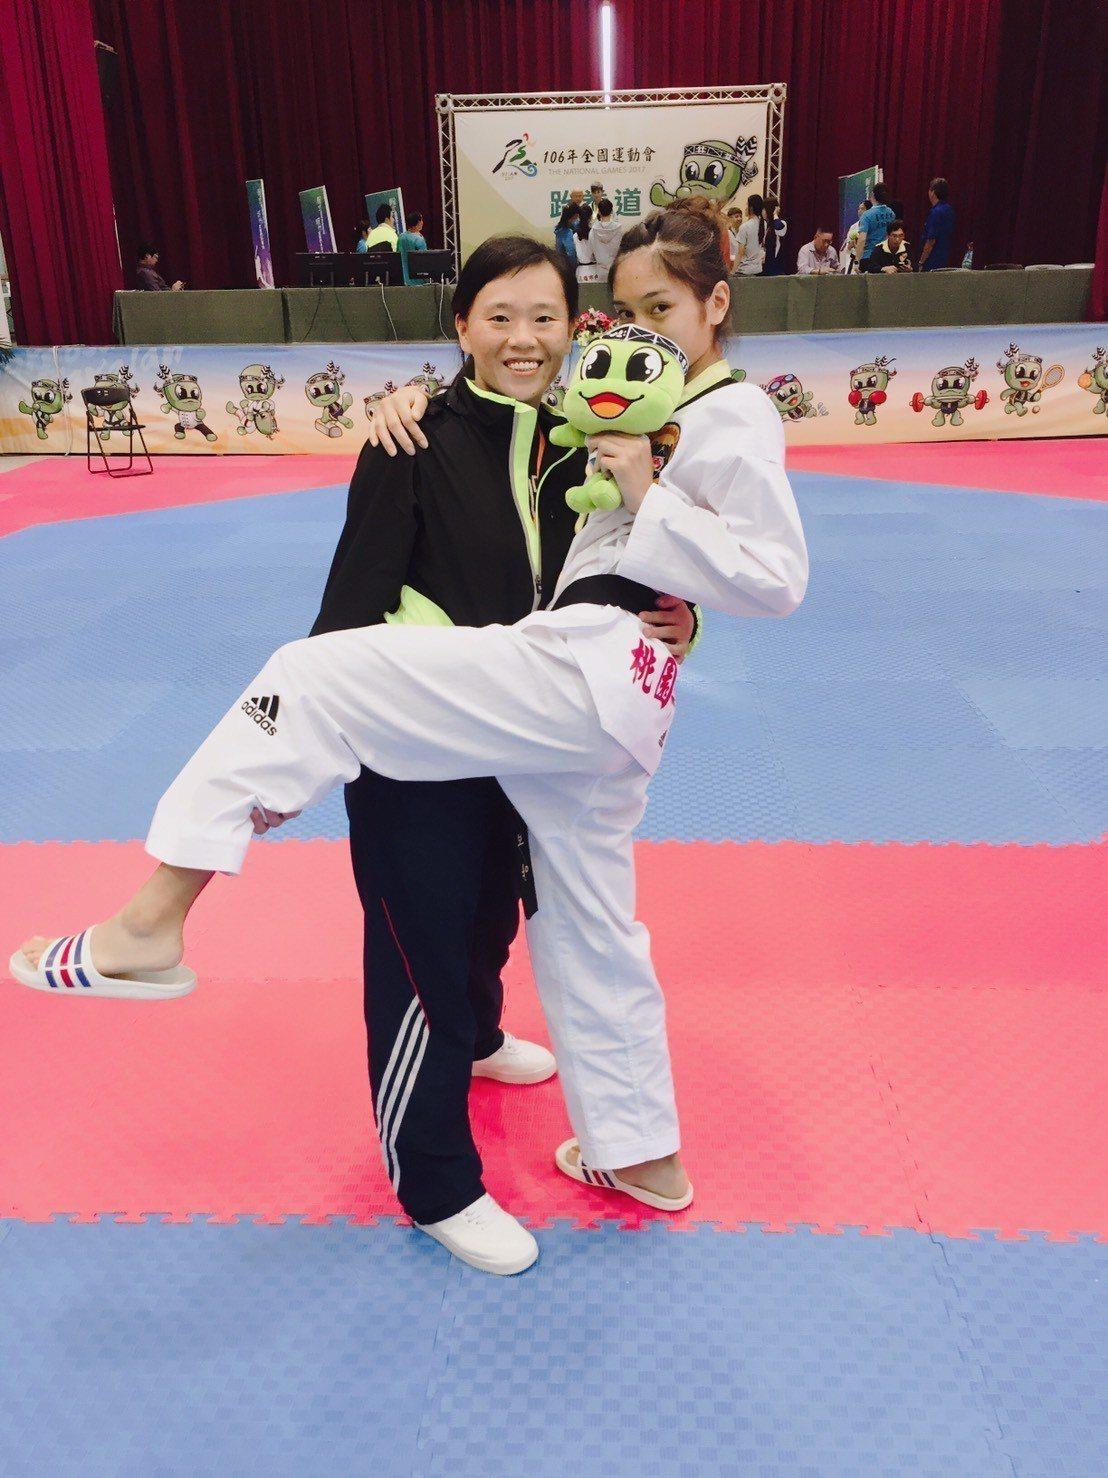 平鎮高中跆拳道專任運動教練張瓊芳(左)和蘇柏亞墨契十足。圖/蘇俊維提供